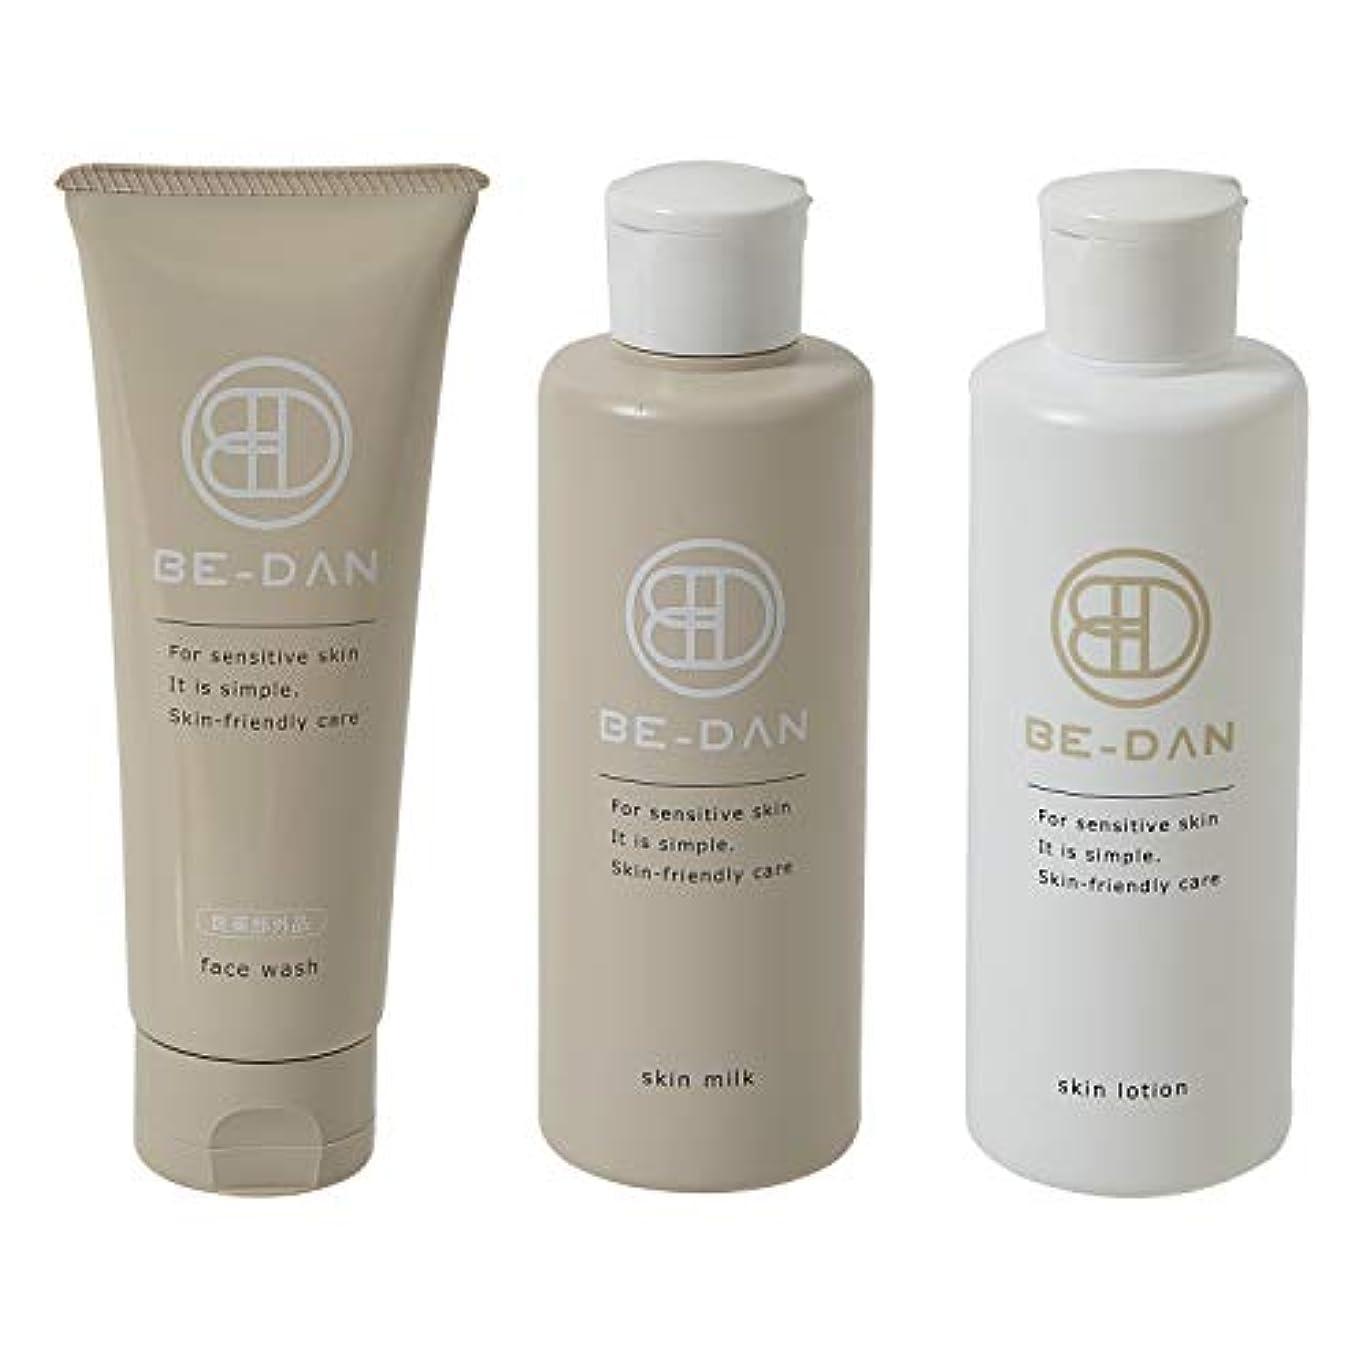 確認する屋内逆BE-DAN スキンケアセット (洗顔料 + 化粧水 + 乳液 ) (ビダン) (BEDAN) メンズ コスメ 敏感肌用